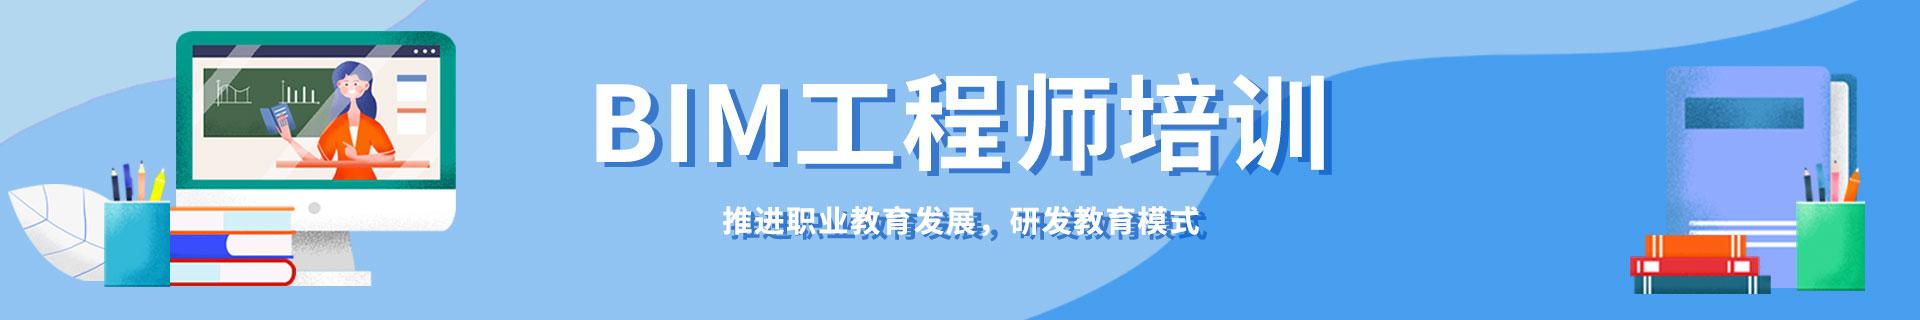 福建漳州优路教育培训学校